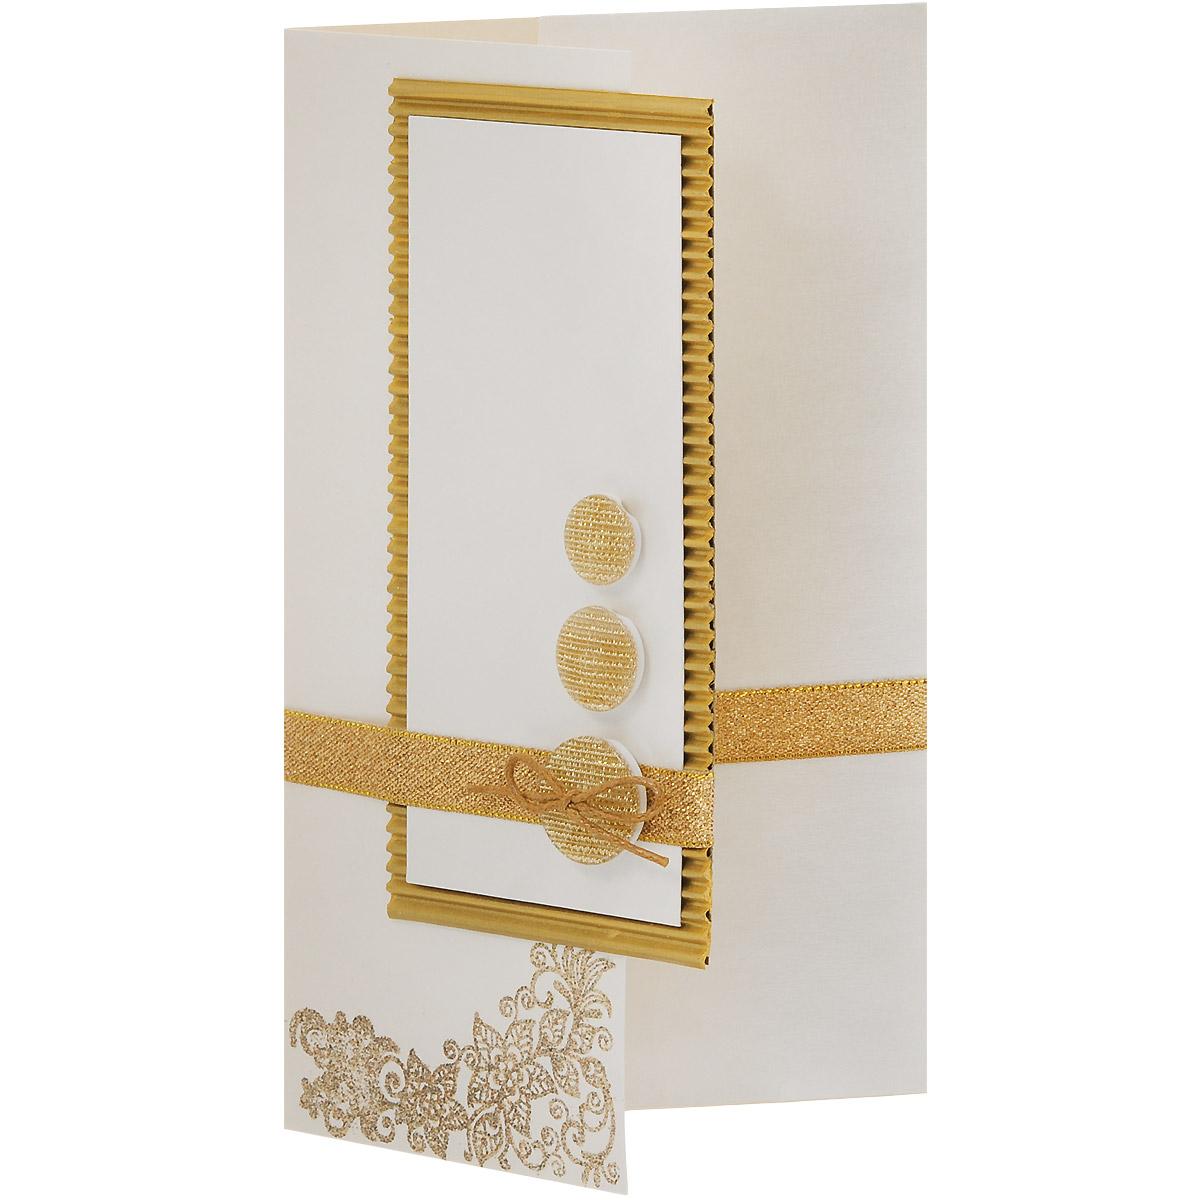 ОРАЗ-0001 Открытка-конверт(Золотые вензеля и пуговицы). Студия «Тётя Роза»740291Характеристики: Размер 19 см x 11 см.Материал: Высоко-художественный картон, бумага, декор. Данная открытка может стать как прекрасным дополнением к вашему подарку, так и самостоятельным подарком. Так как открытка является и конвертом, в который вы можете вложить ваш денежный подарок или просто написать ваши пожелания на вкладыше. Конверт для поздравления универсален в своей идее. Ненавязчивый дизайн не ориентирован на какой-то особый случай, поэтому может быть использован для любого повода. Использован гофрированный картон, парчовые ленты, блестящие пуговицы. Вензель выполнен в технике горячего термоподъема. Также открытка упакована в пакетик для сохранности.Обращаем Ваше внимание на то, что открытка может незначительно отличаться от представленной на фото.Открытки ручной работы от студии Тётя Роза отличаются своим неповторимым и ярким стилем. Каждая уникальна и выполнена вручную мастерами студии. (Открытка для мужчин, открытка для женщины, открытка на день рождения, открытка с днем свадьбы, открытка винтаж, открытка с юбилеем, открытка на все случаи, скрапбукинг)